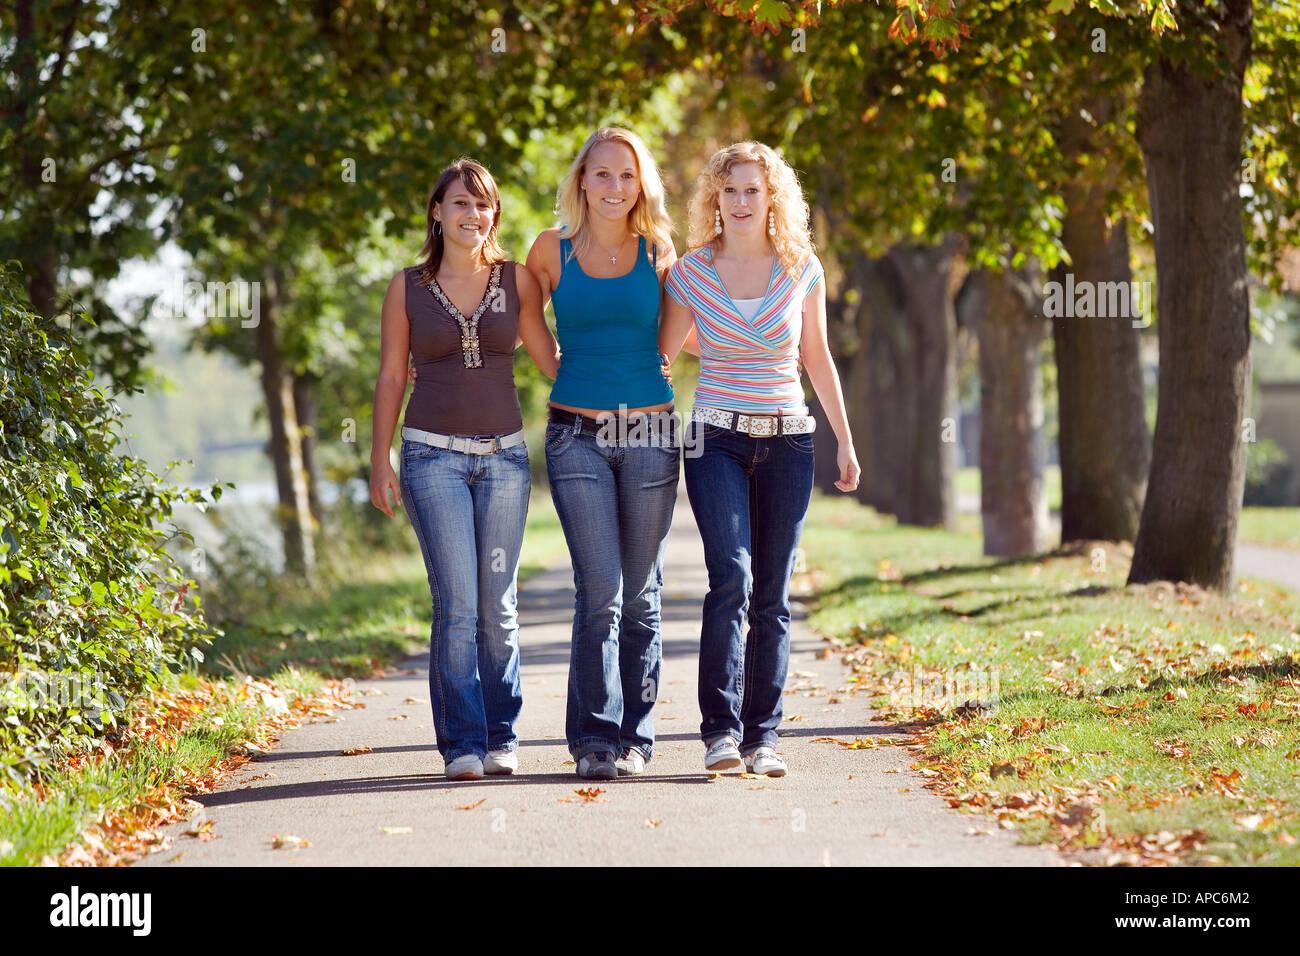 Drei junge Frauen, die zu Fuß durch einen park Stockbild